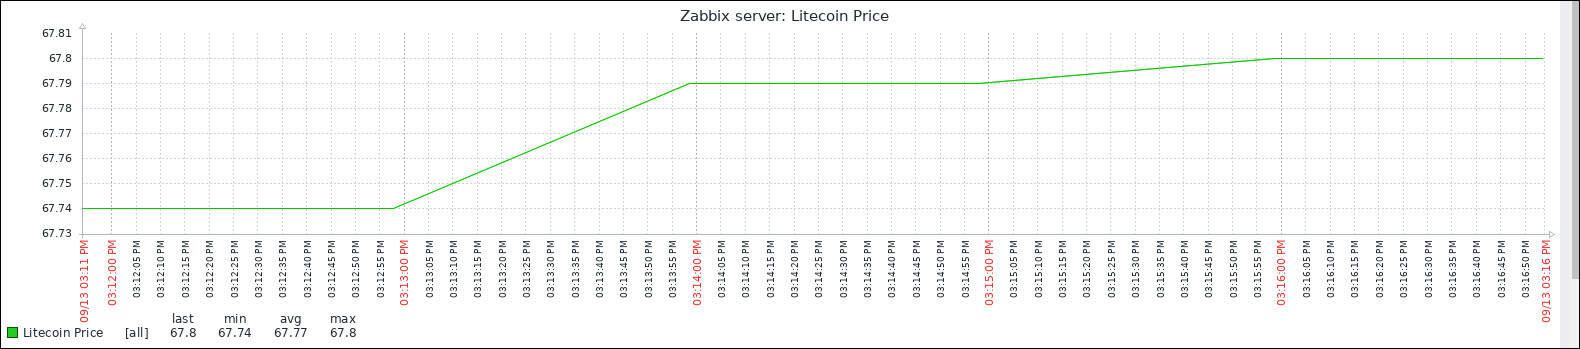 Zabbix litecoin price monitor graph